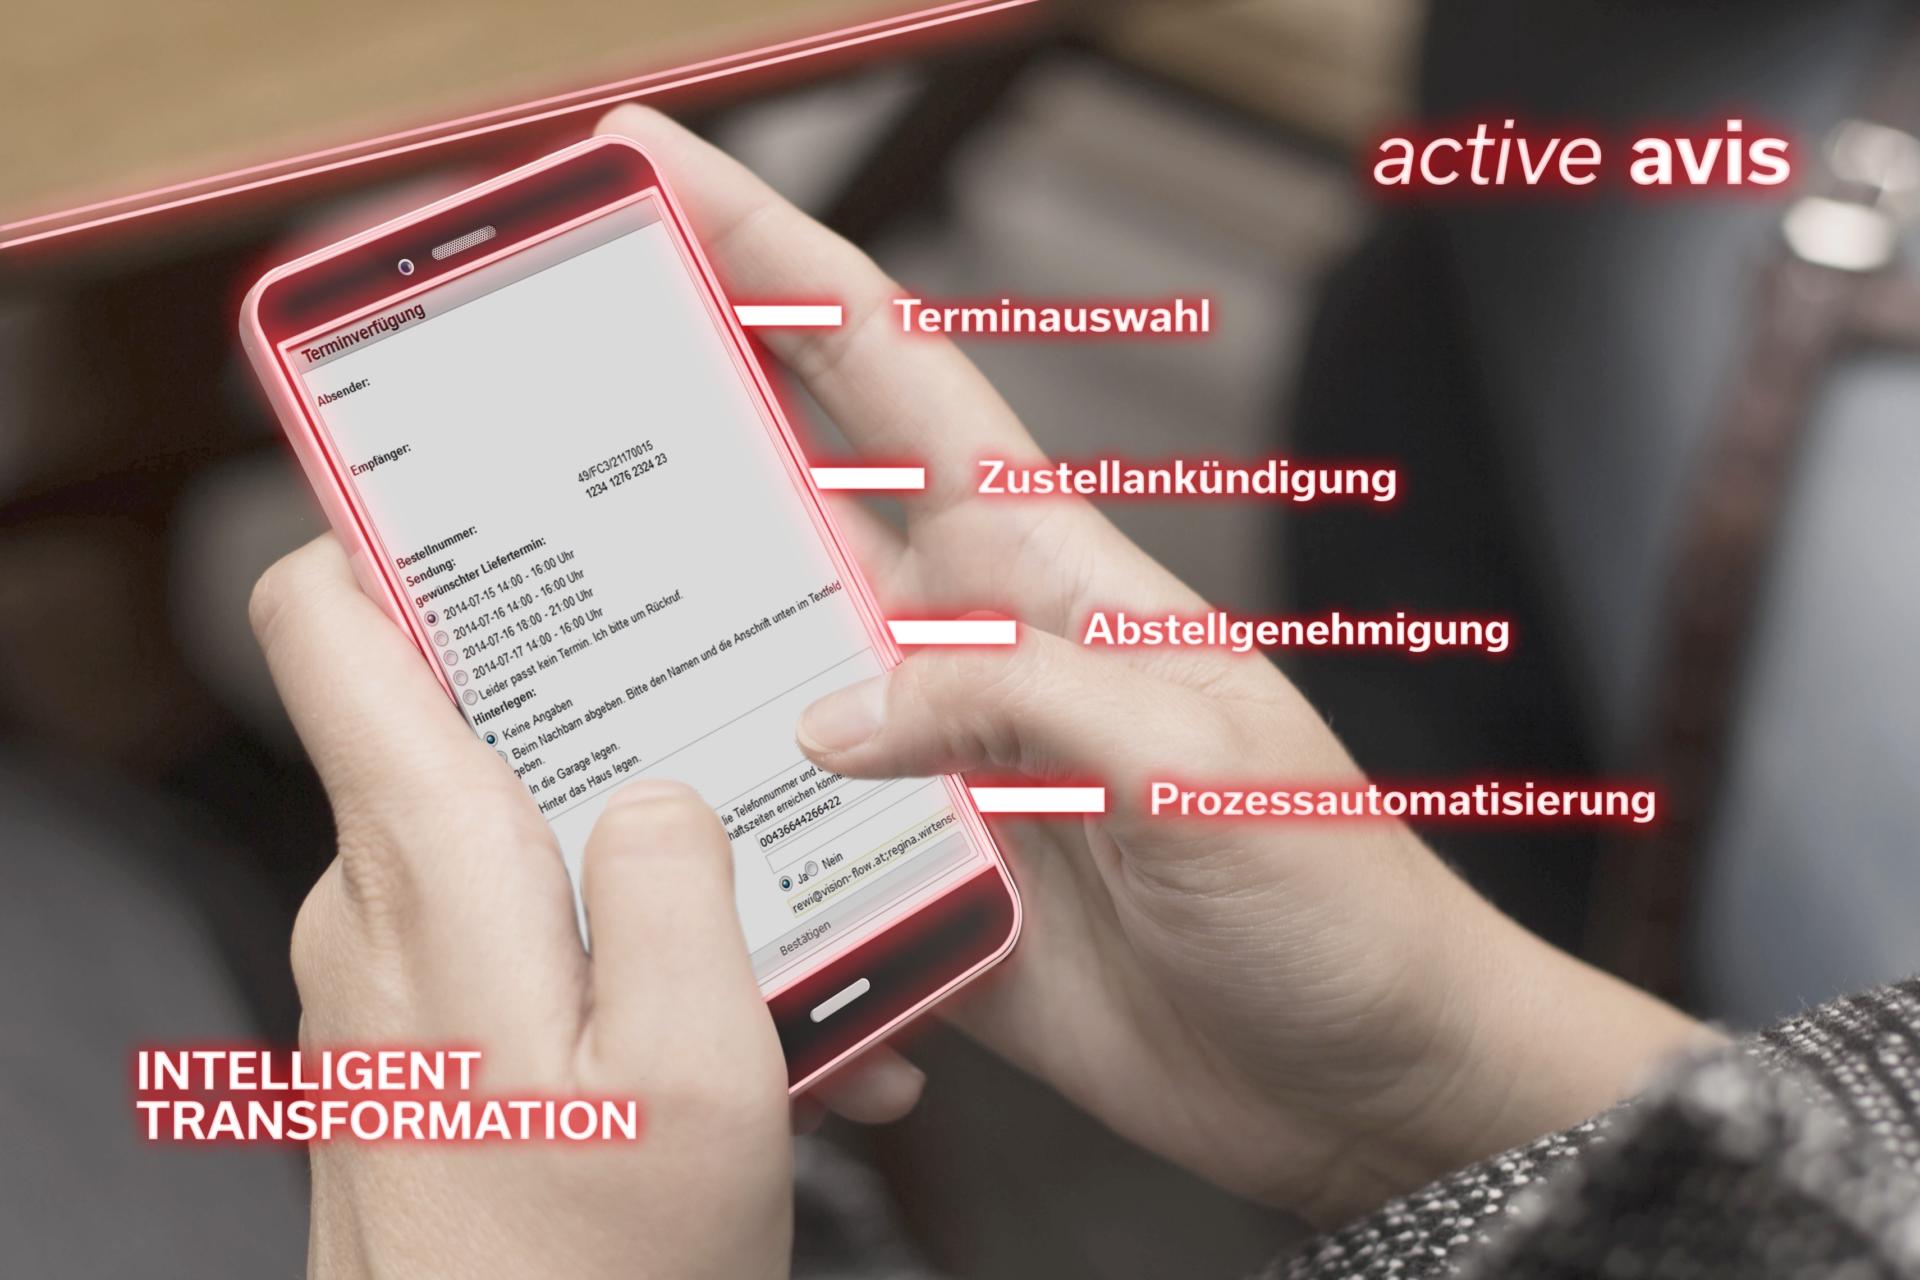 Unser Service active avis ist eine webbasierte Avisierungsplattform und dient der Endkundenavisierung (B2B und B2C).